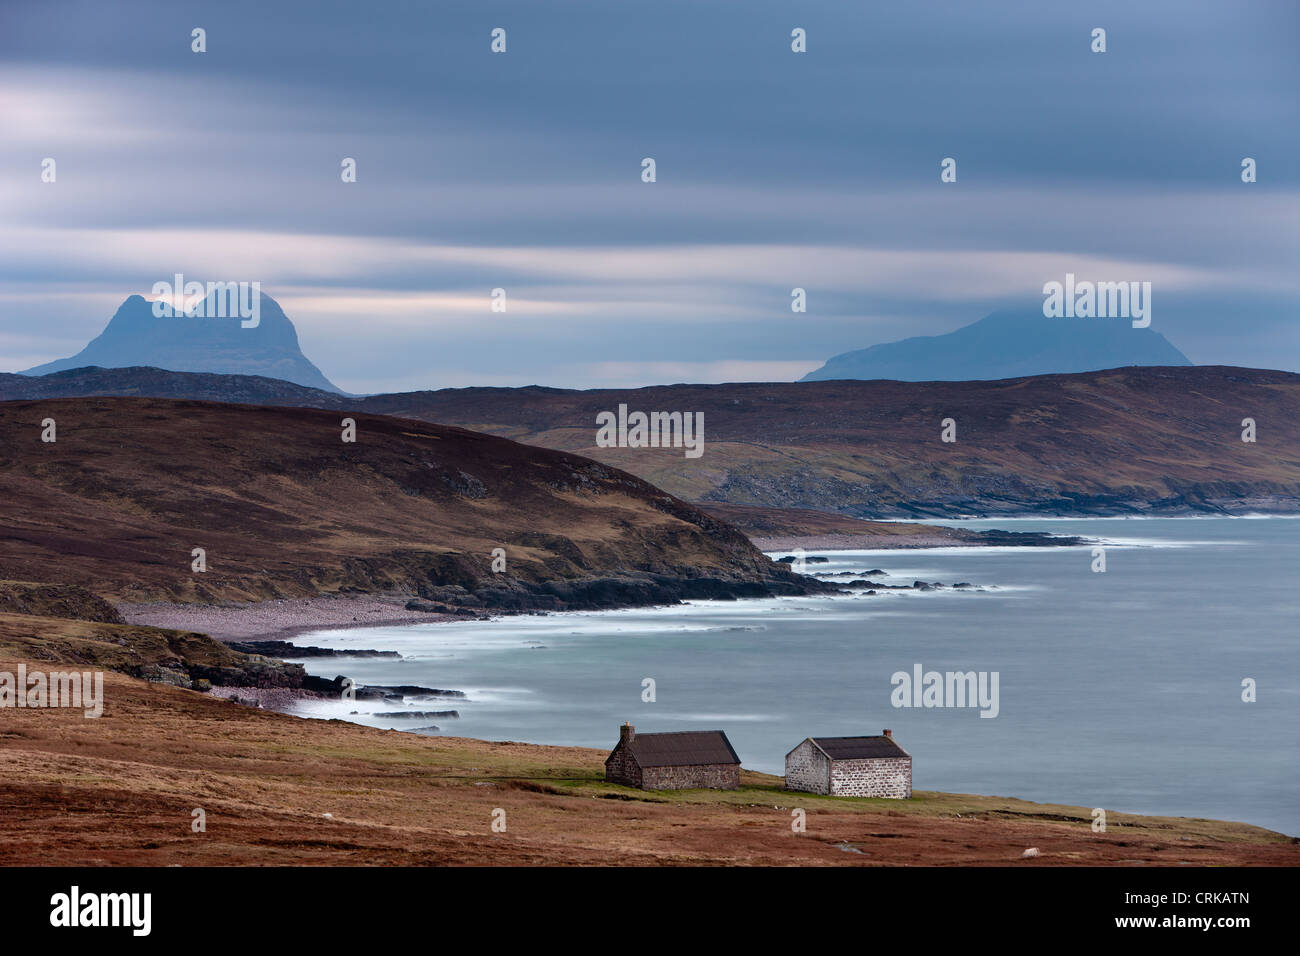 Deux chalets sur le rivage à Stoer, aux pics de Suilven & Cul plus au-delà, l'Assynt, Sutherland, Photo Stock